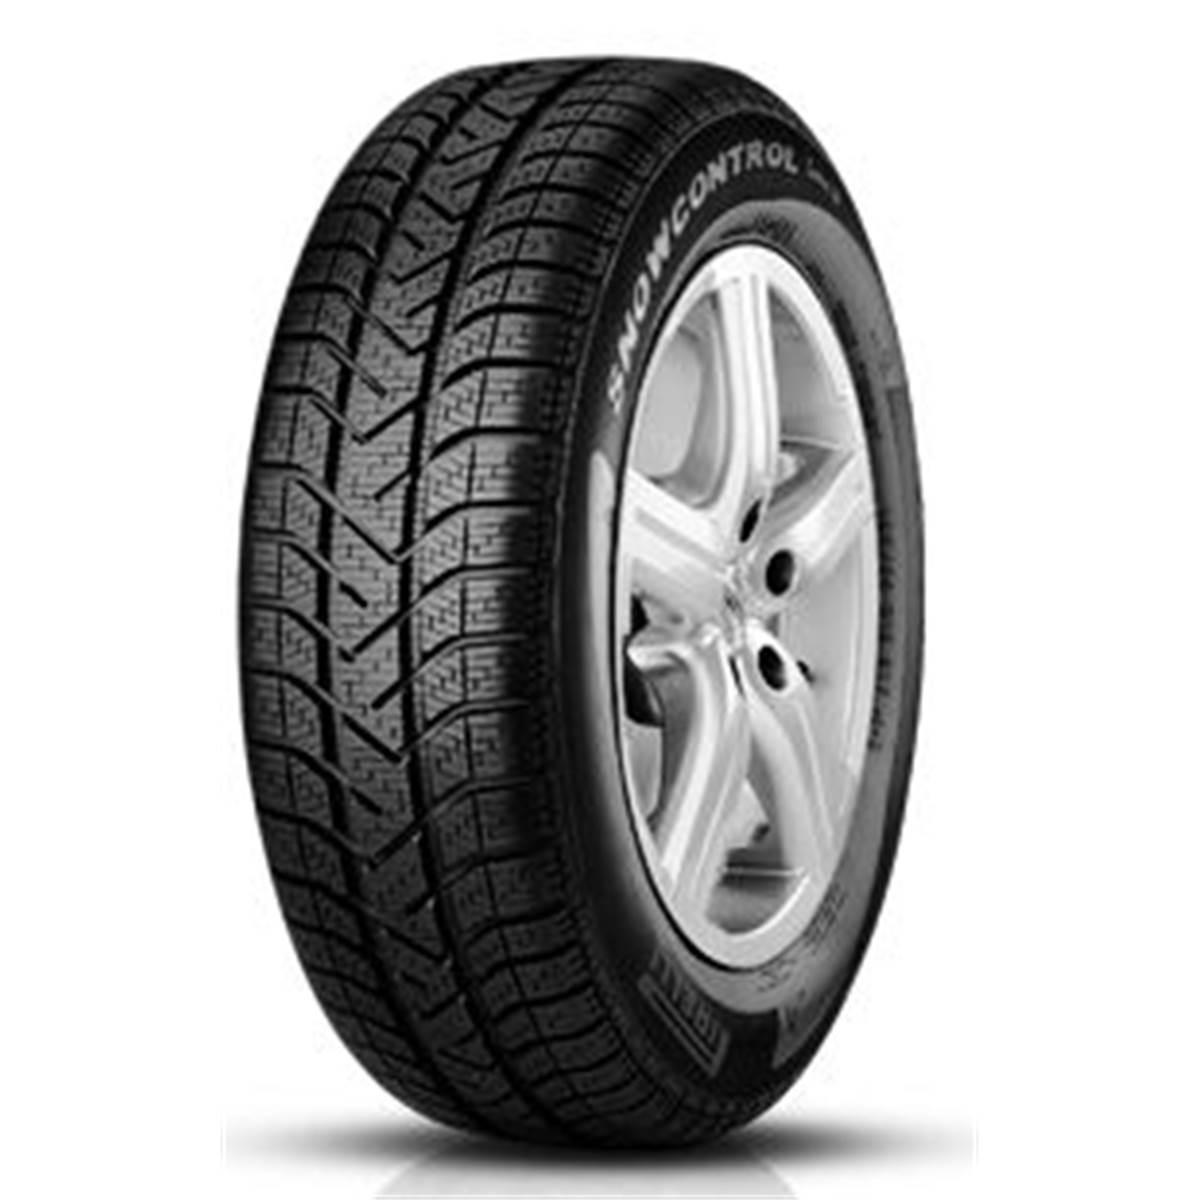 Pneu Hiver Pirelli 175/65R15 84T Winter 190 Snowcontrol Iii